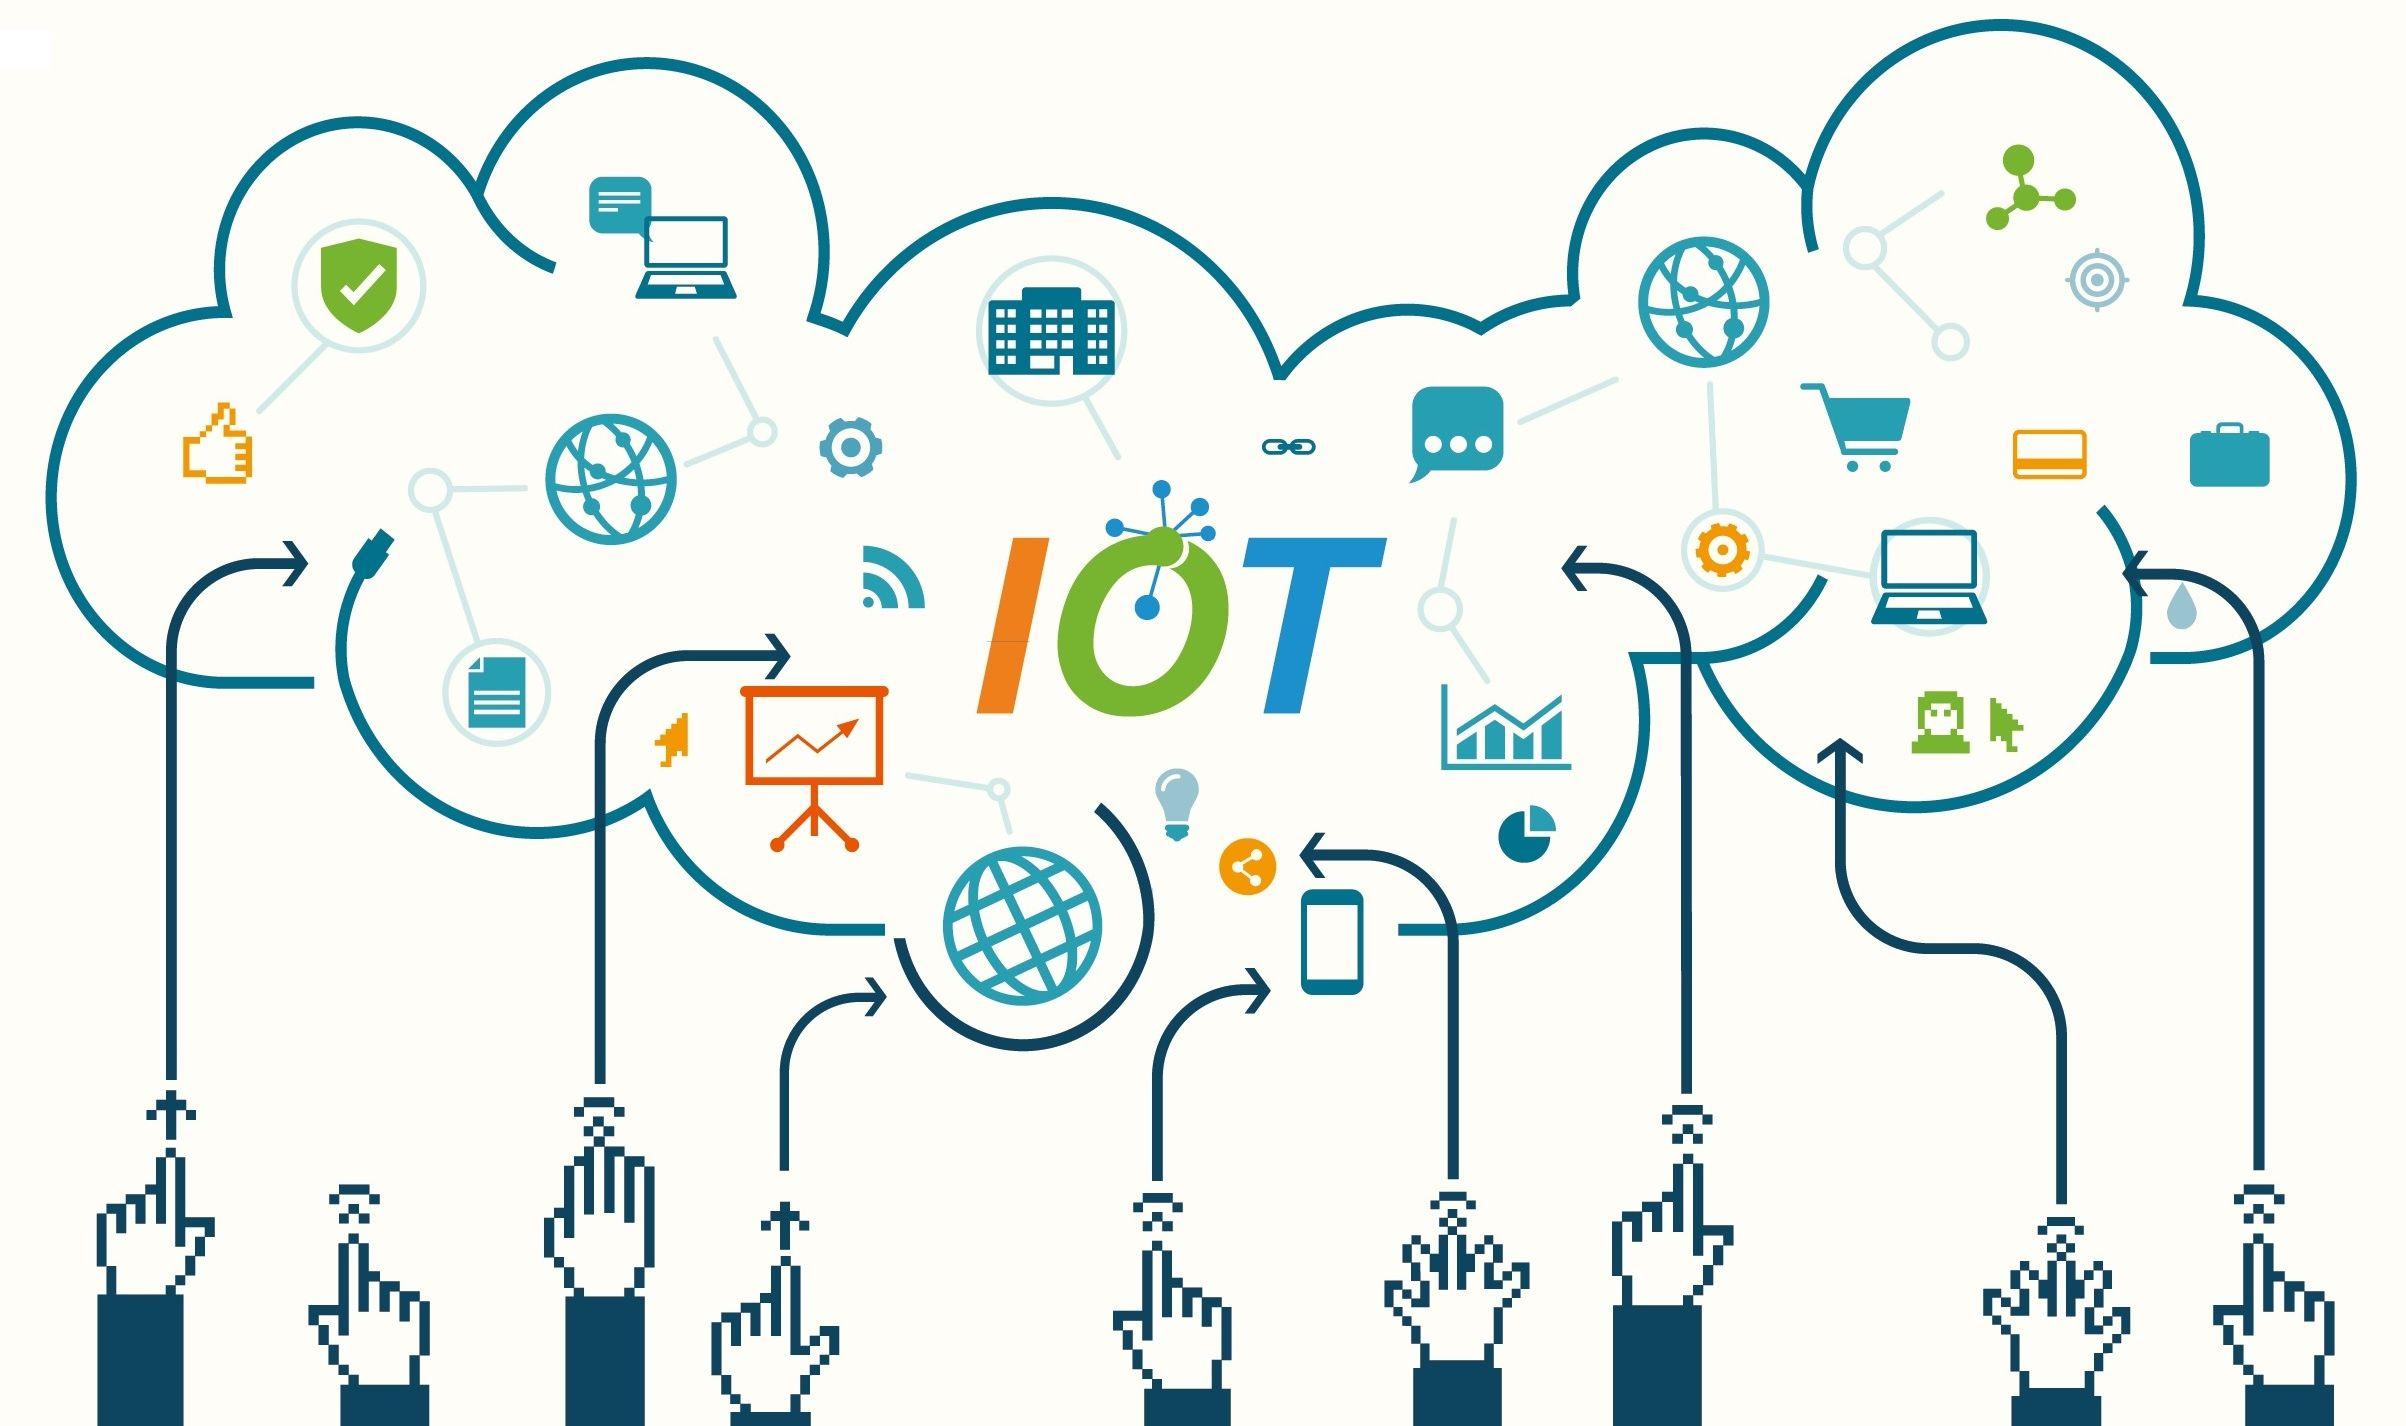 中華電信 IoT 大平台產品說明會暨應用技術展示